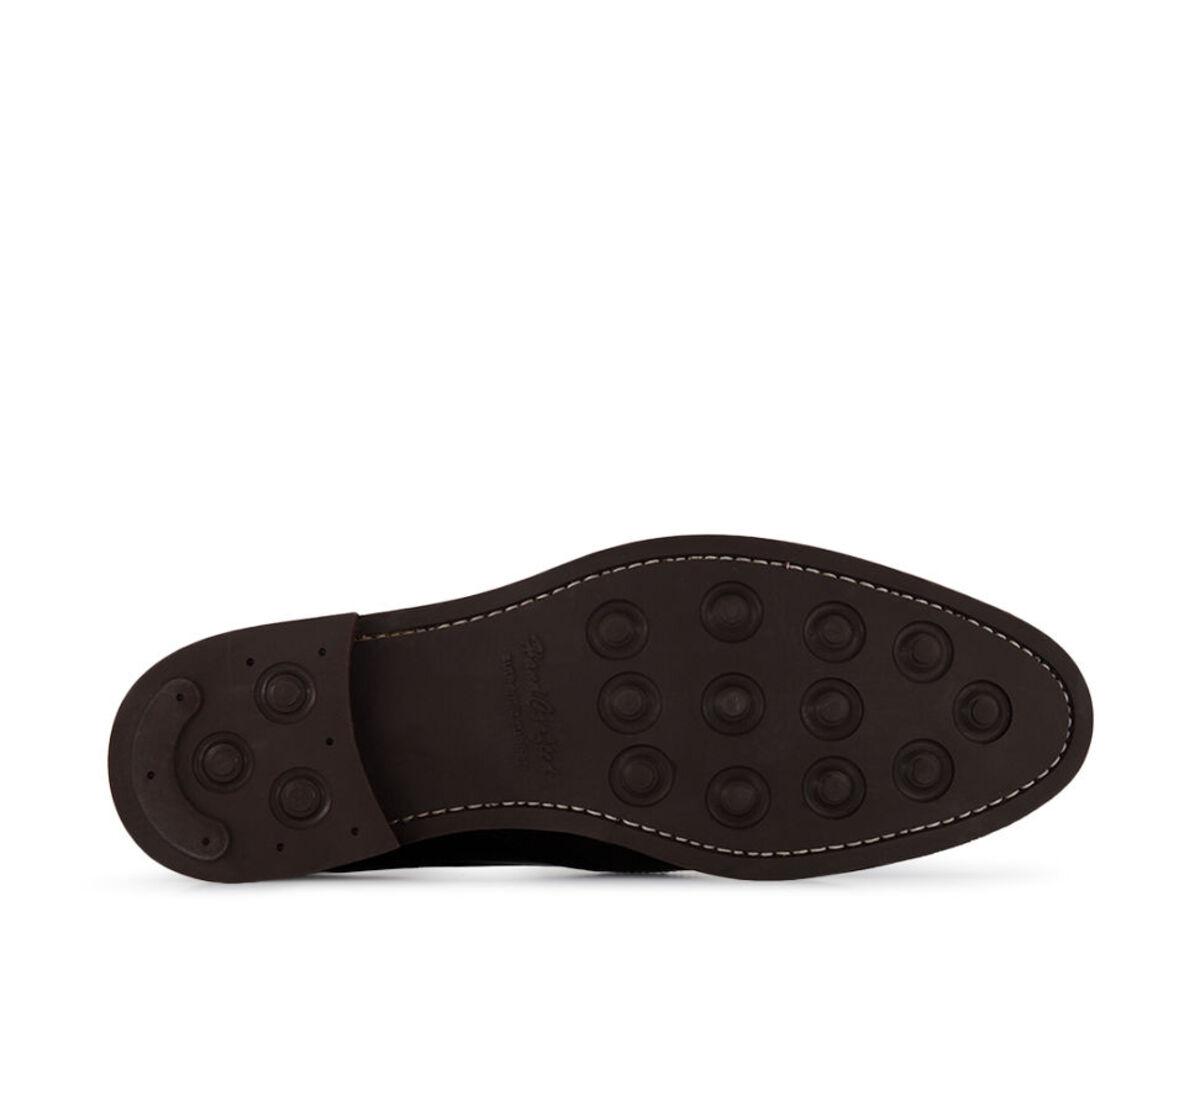 Bild 3 von Mathew & Son Business-Schuh